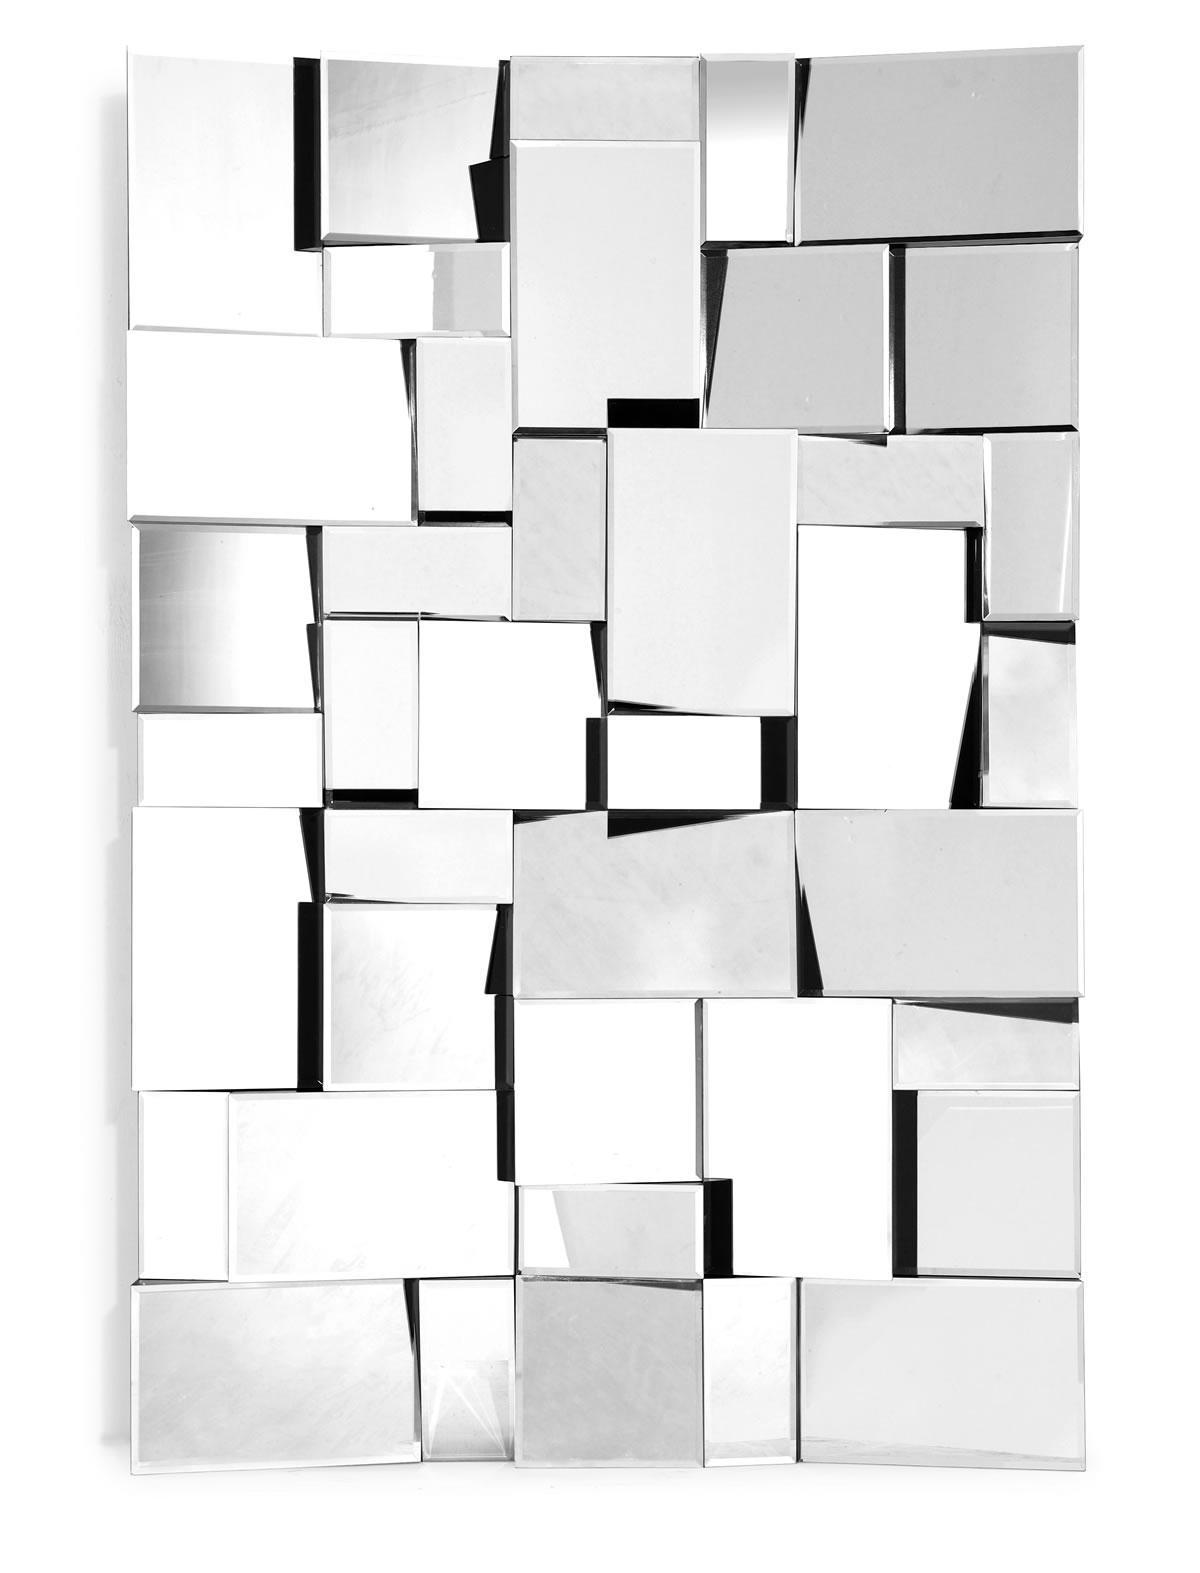 Espejos reflejos de personalidad cultura dec for Espejos diferentes